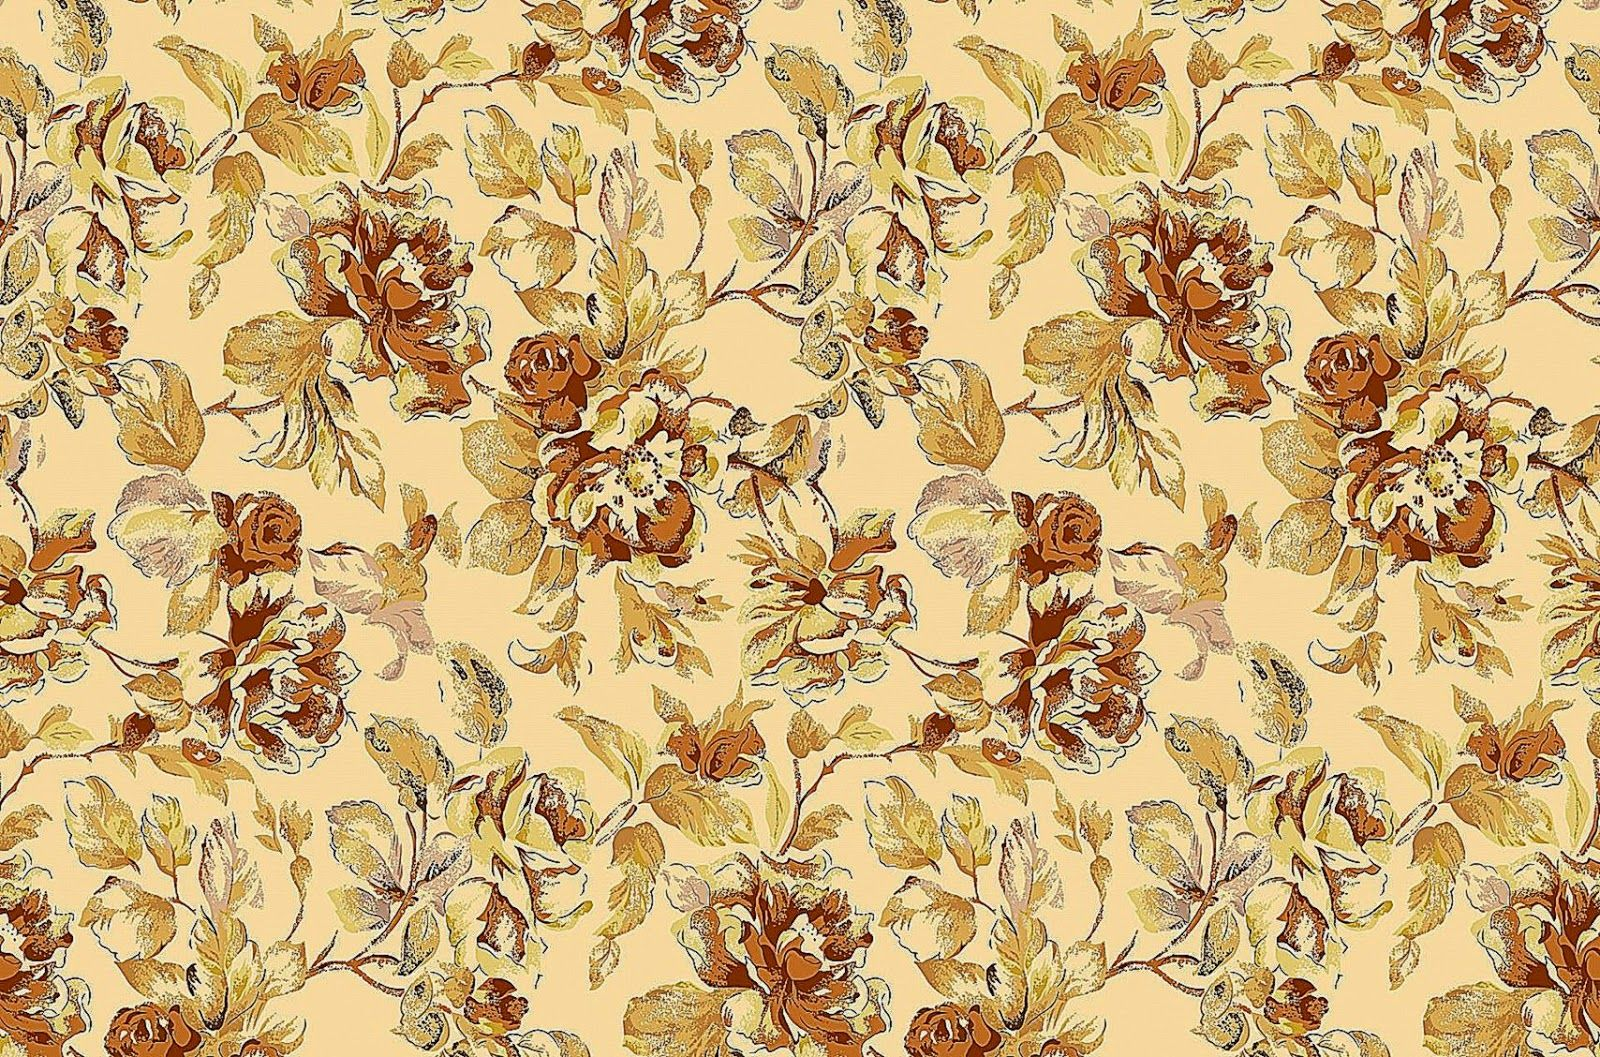 Indie Flower Wallpapers - Top Free Indie Flower ...